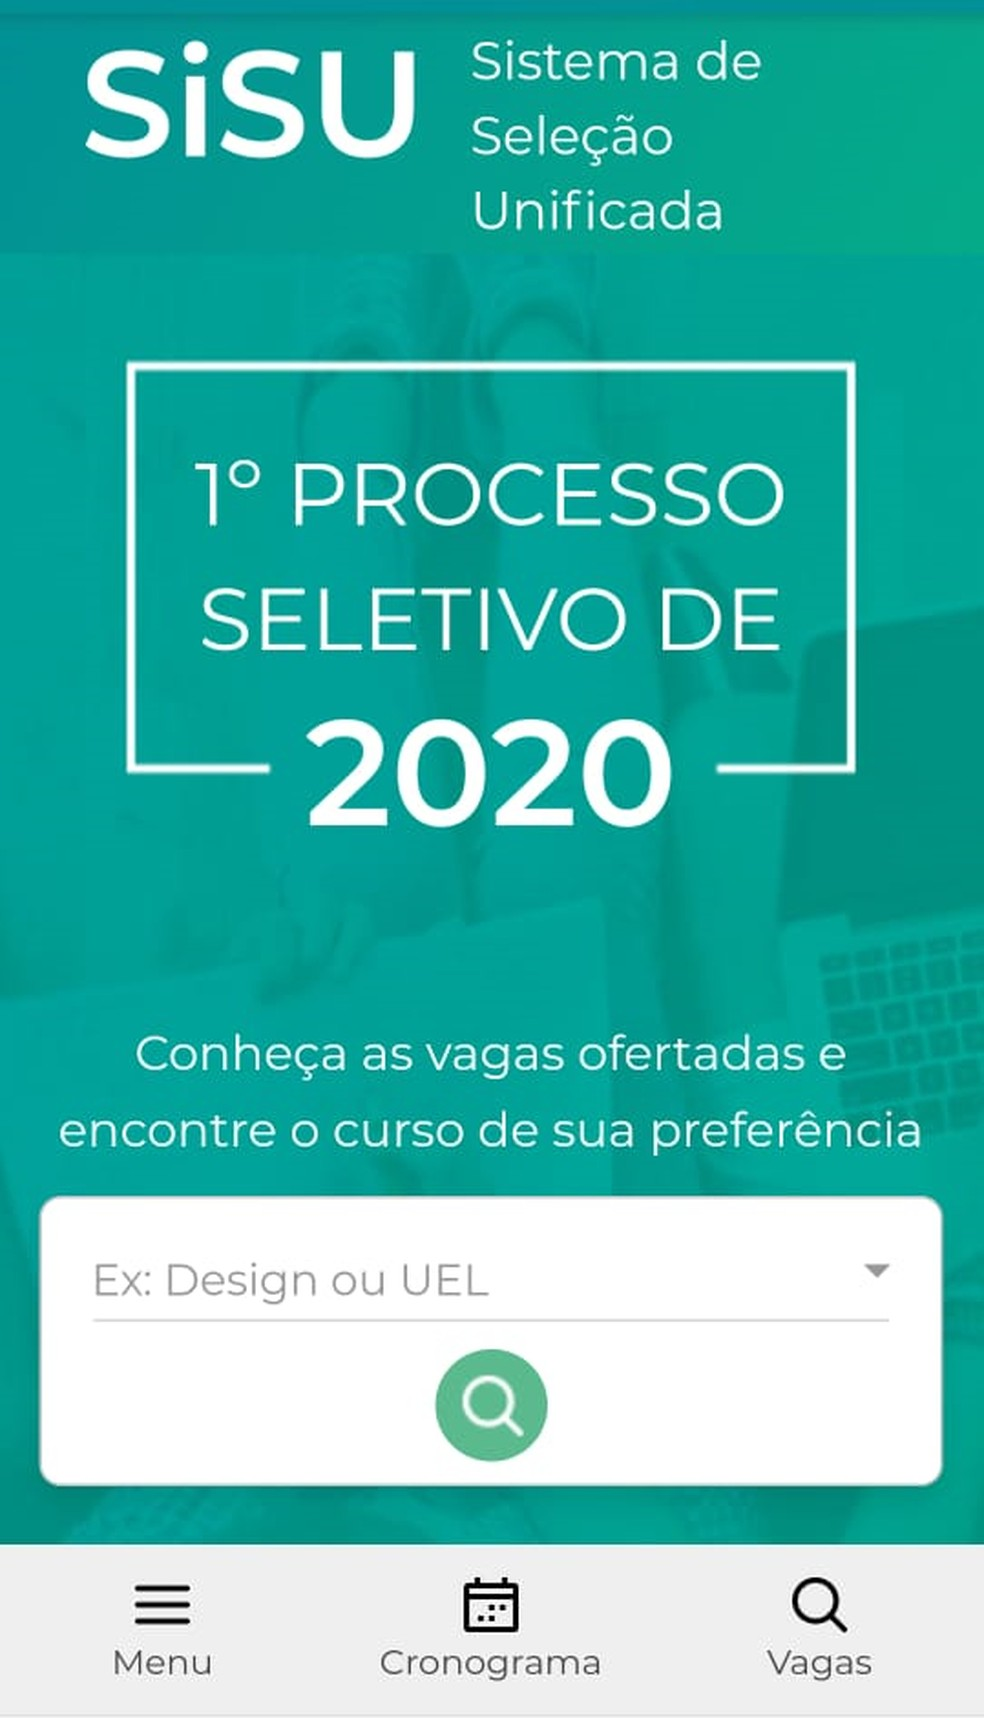 Inscrição do Sisu 2020 poderá ser feita por dispositivos móveis — Foto: Reprodução/Sisu